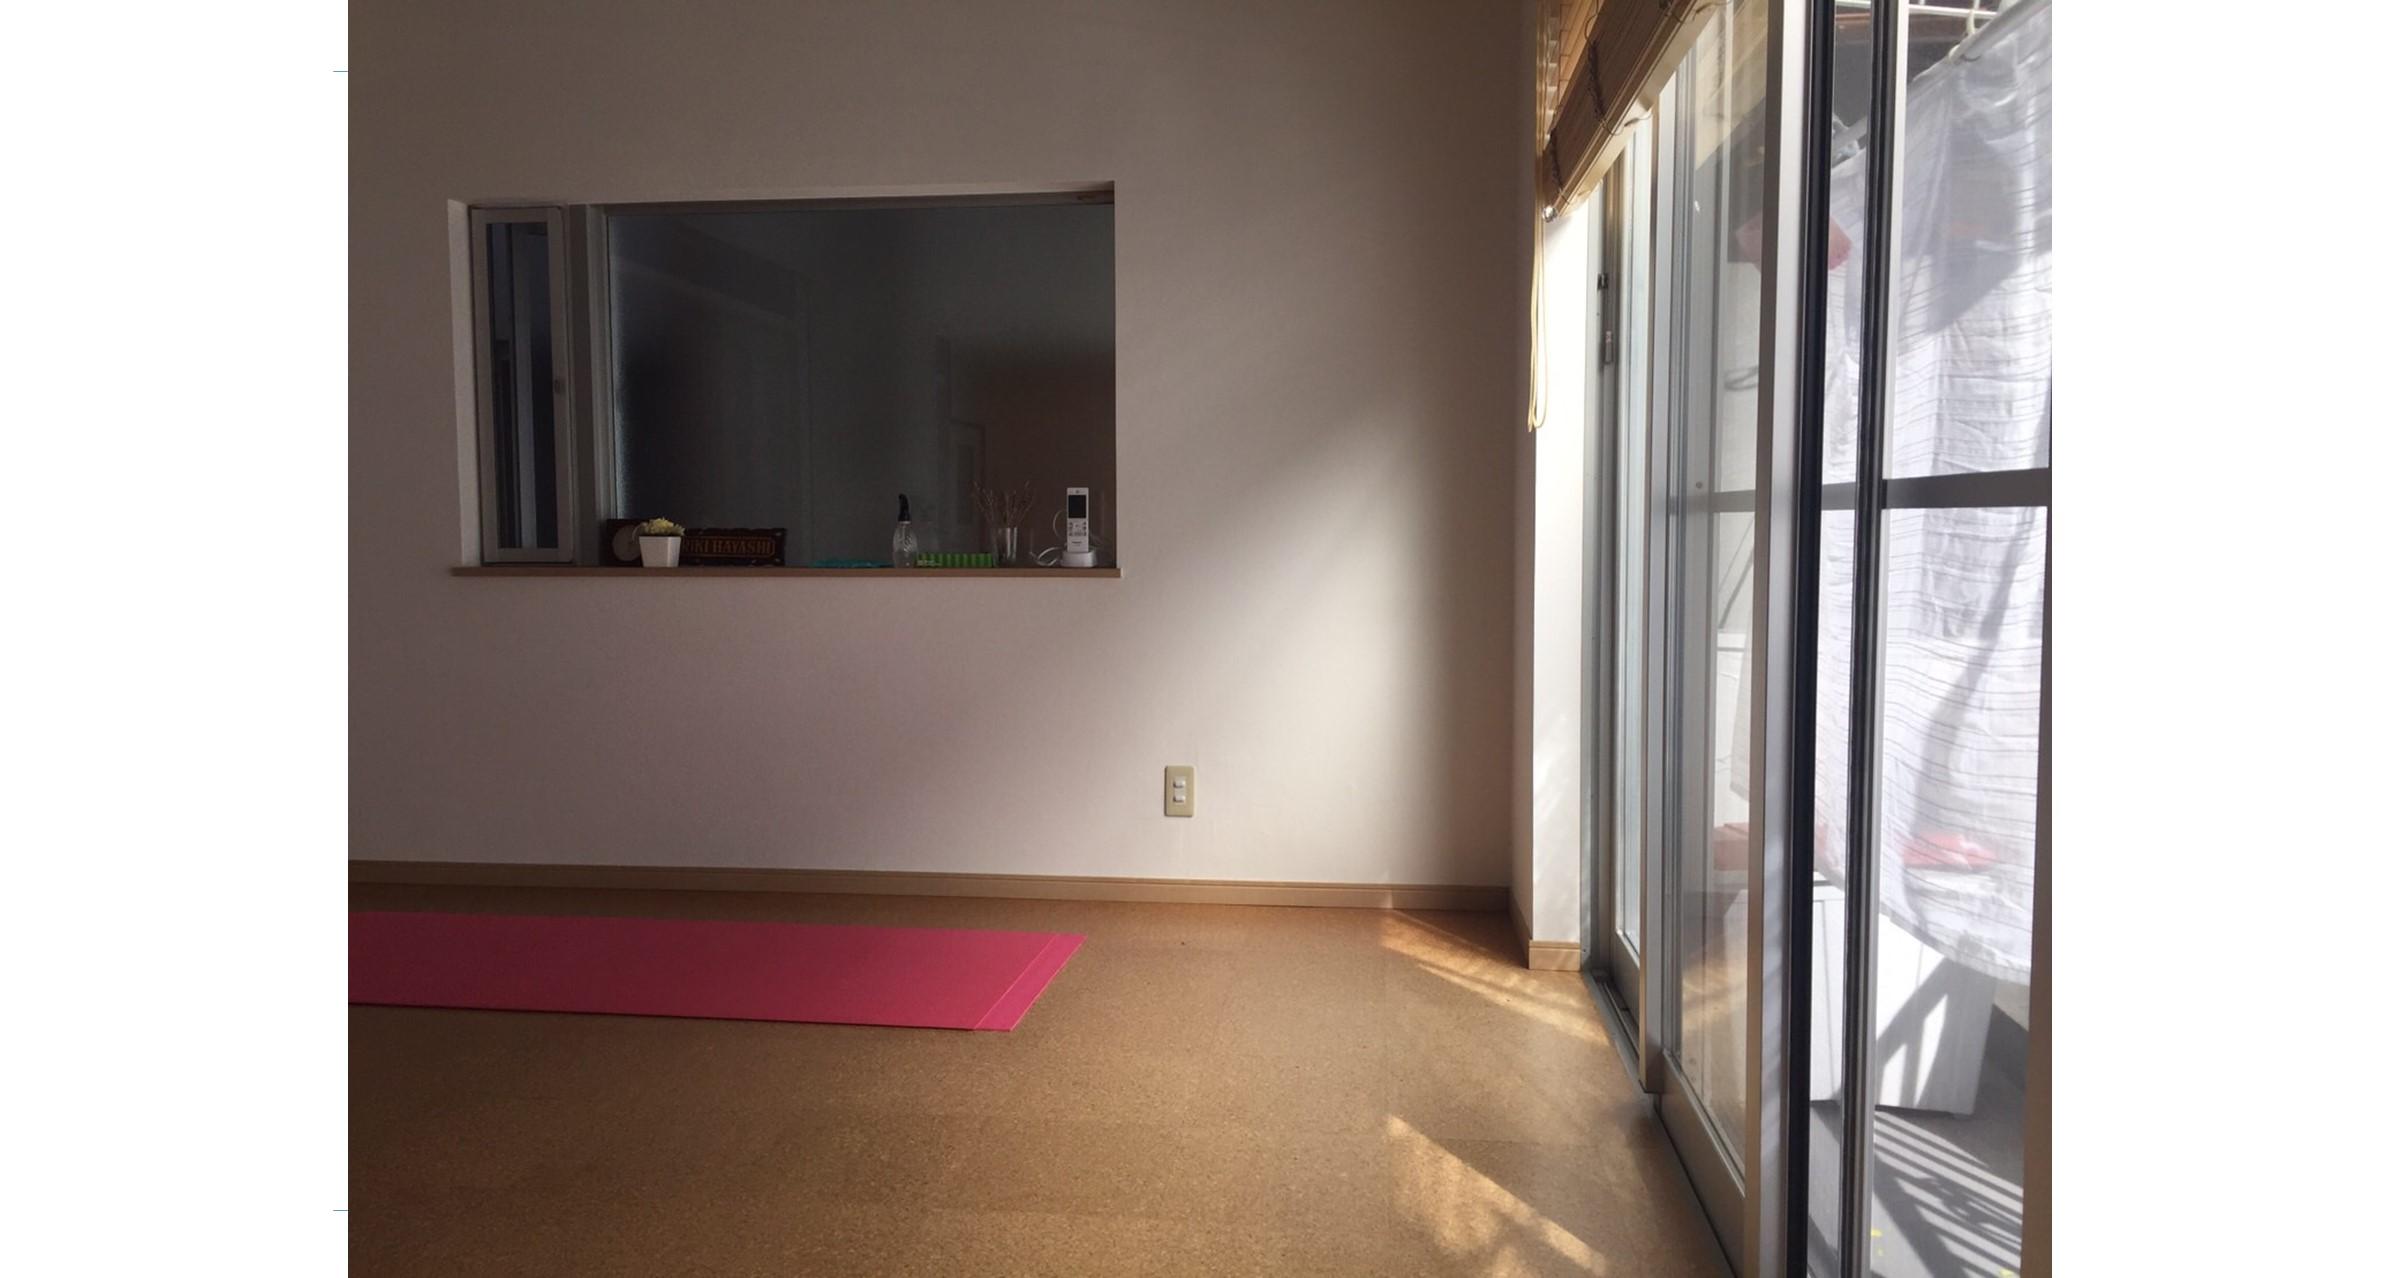 ピラティススクール【BUNGA】studioBUNGAふたたび教室